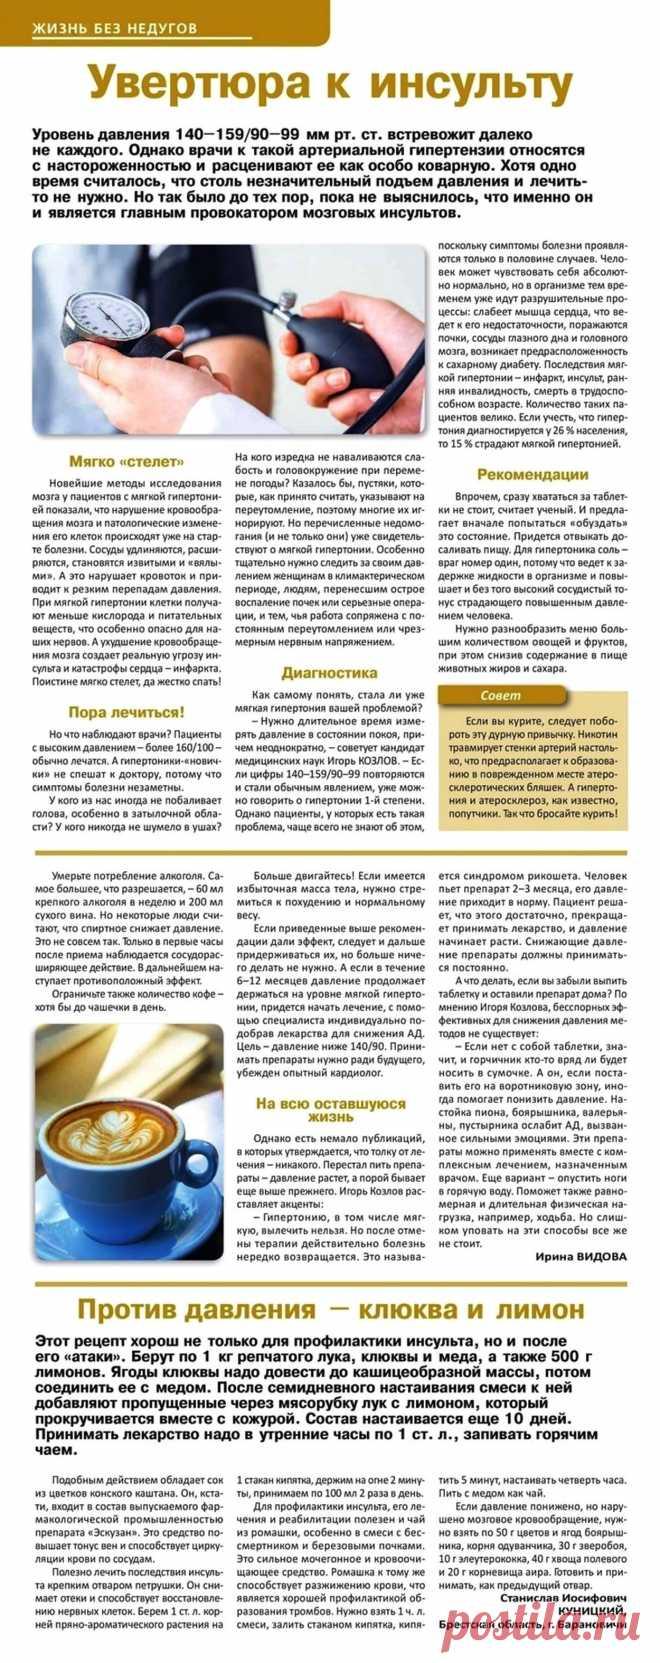 Повышение  давления увертюра к инсульту | БОЛЯЧКИ: ДАВЛЕНИЕ  | творожные десерты | причёски на короткие волосы